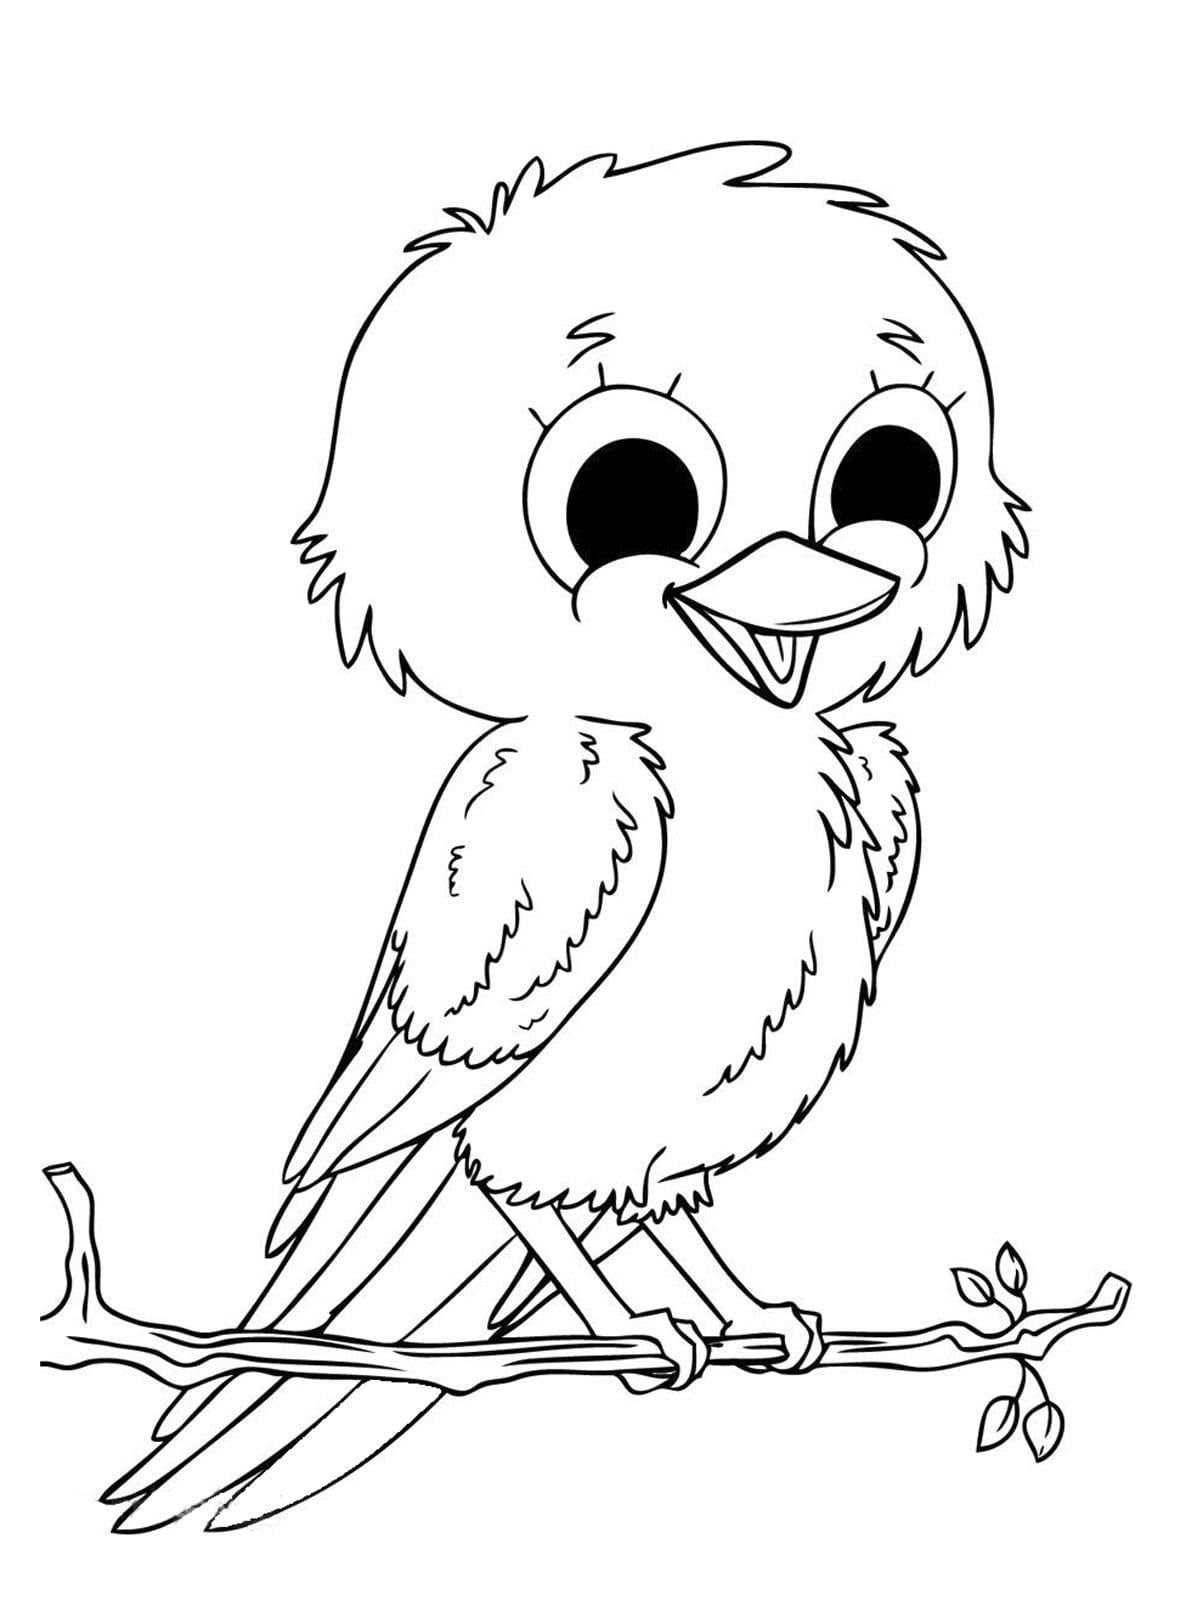 Раскраски Птицы. Скачайте или распечатайте бесплатно